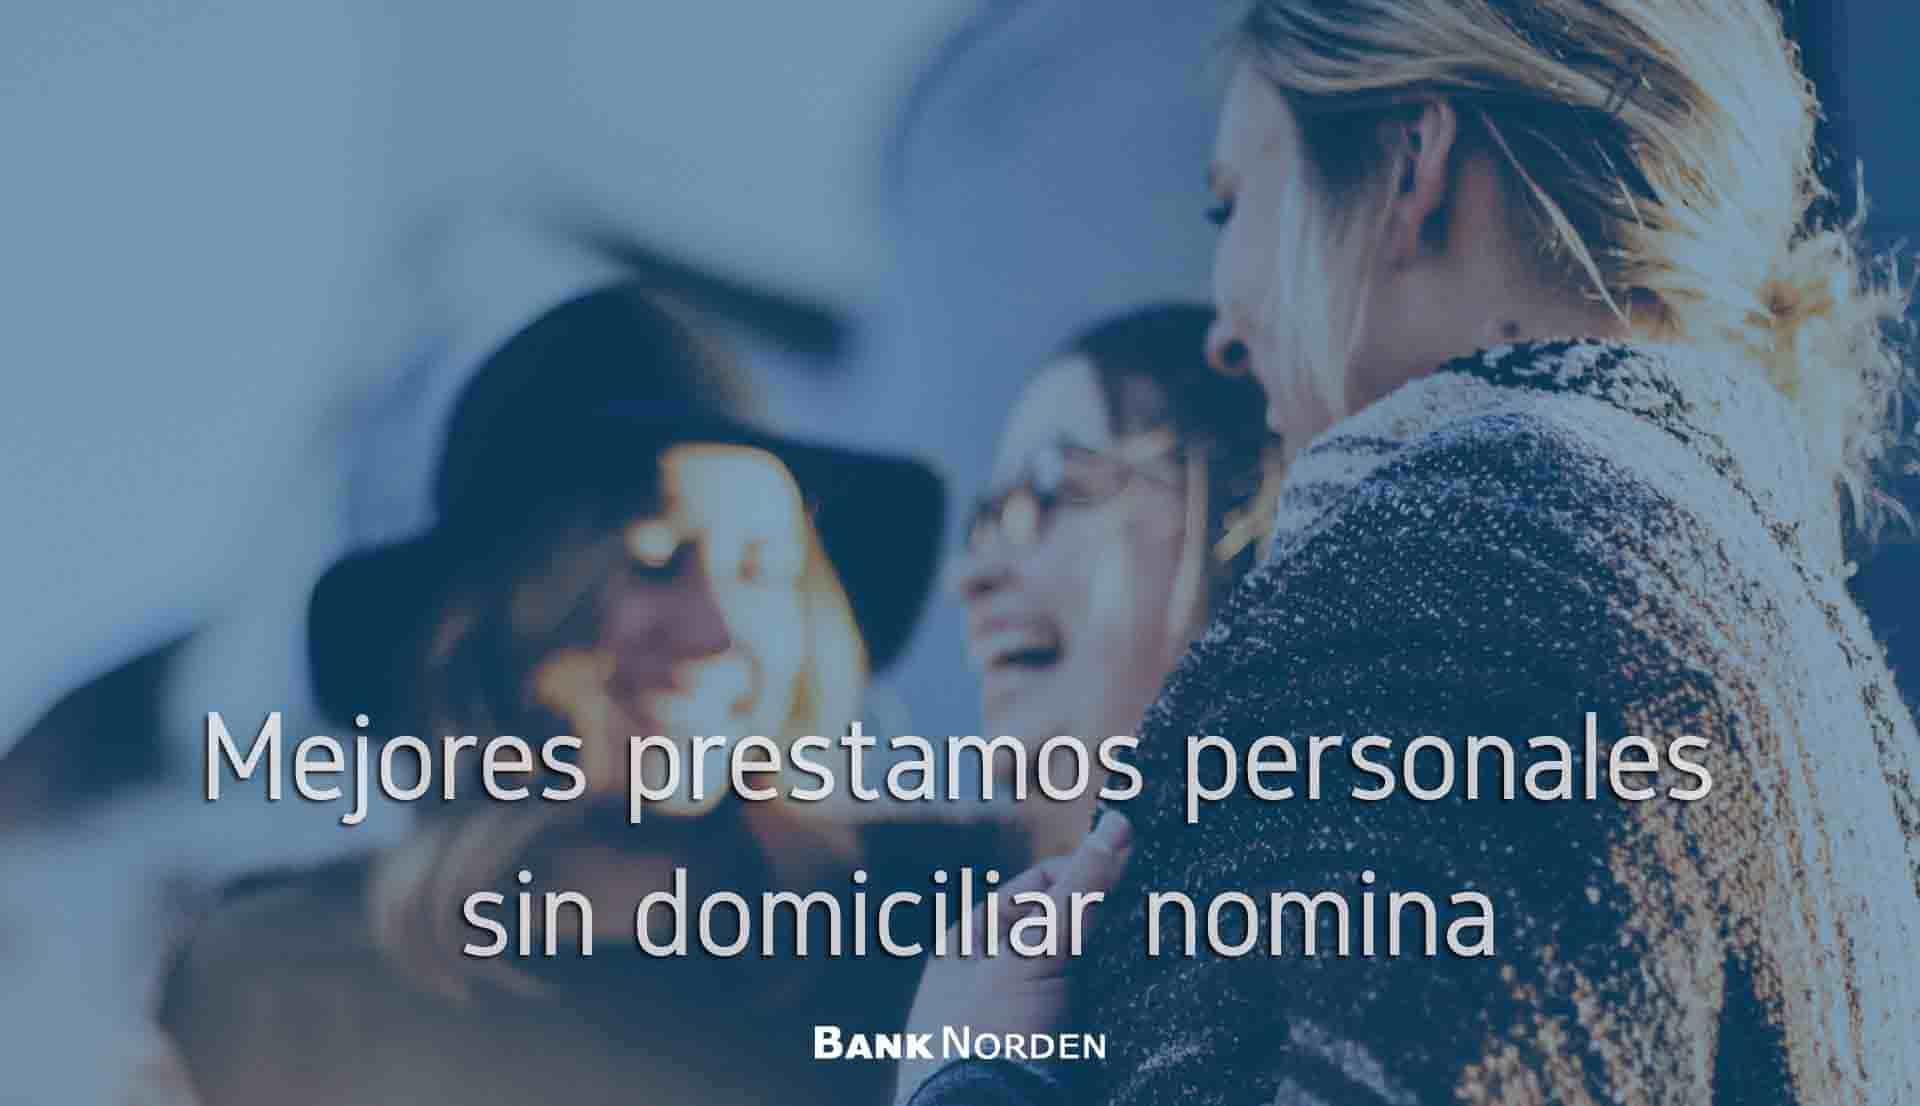 mejores prestamos personales sin domiciliar nomina